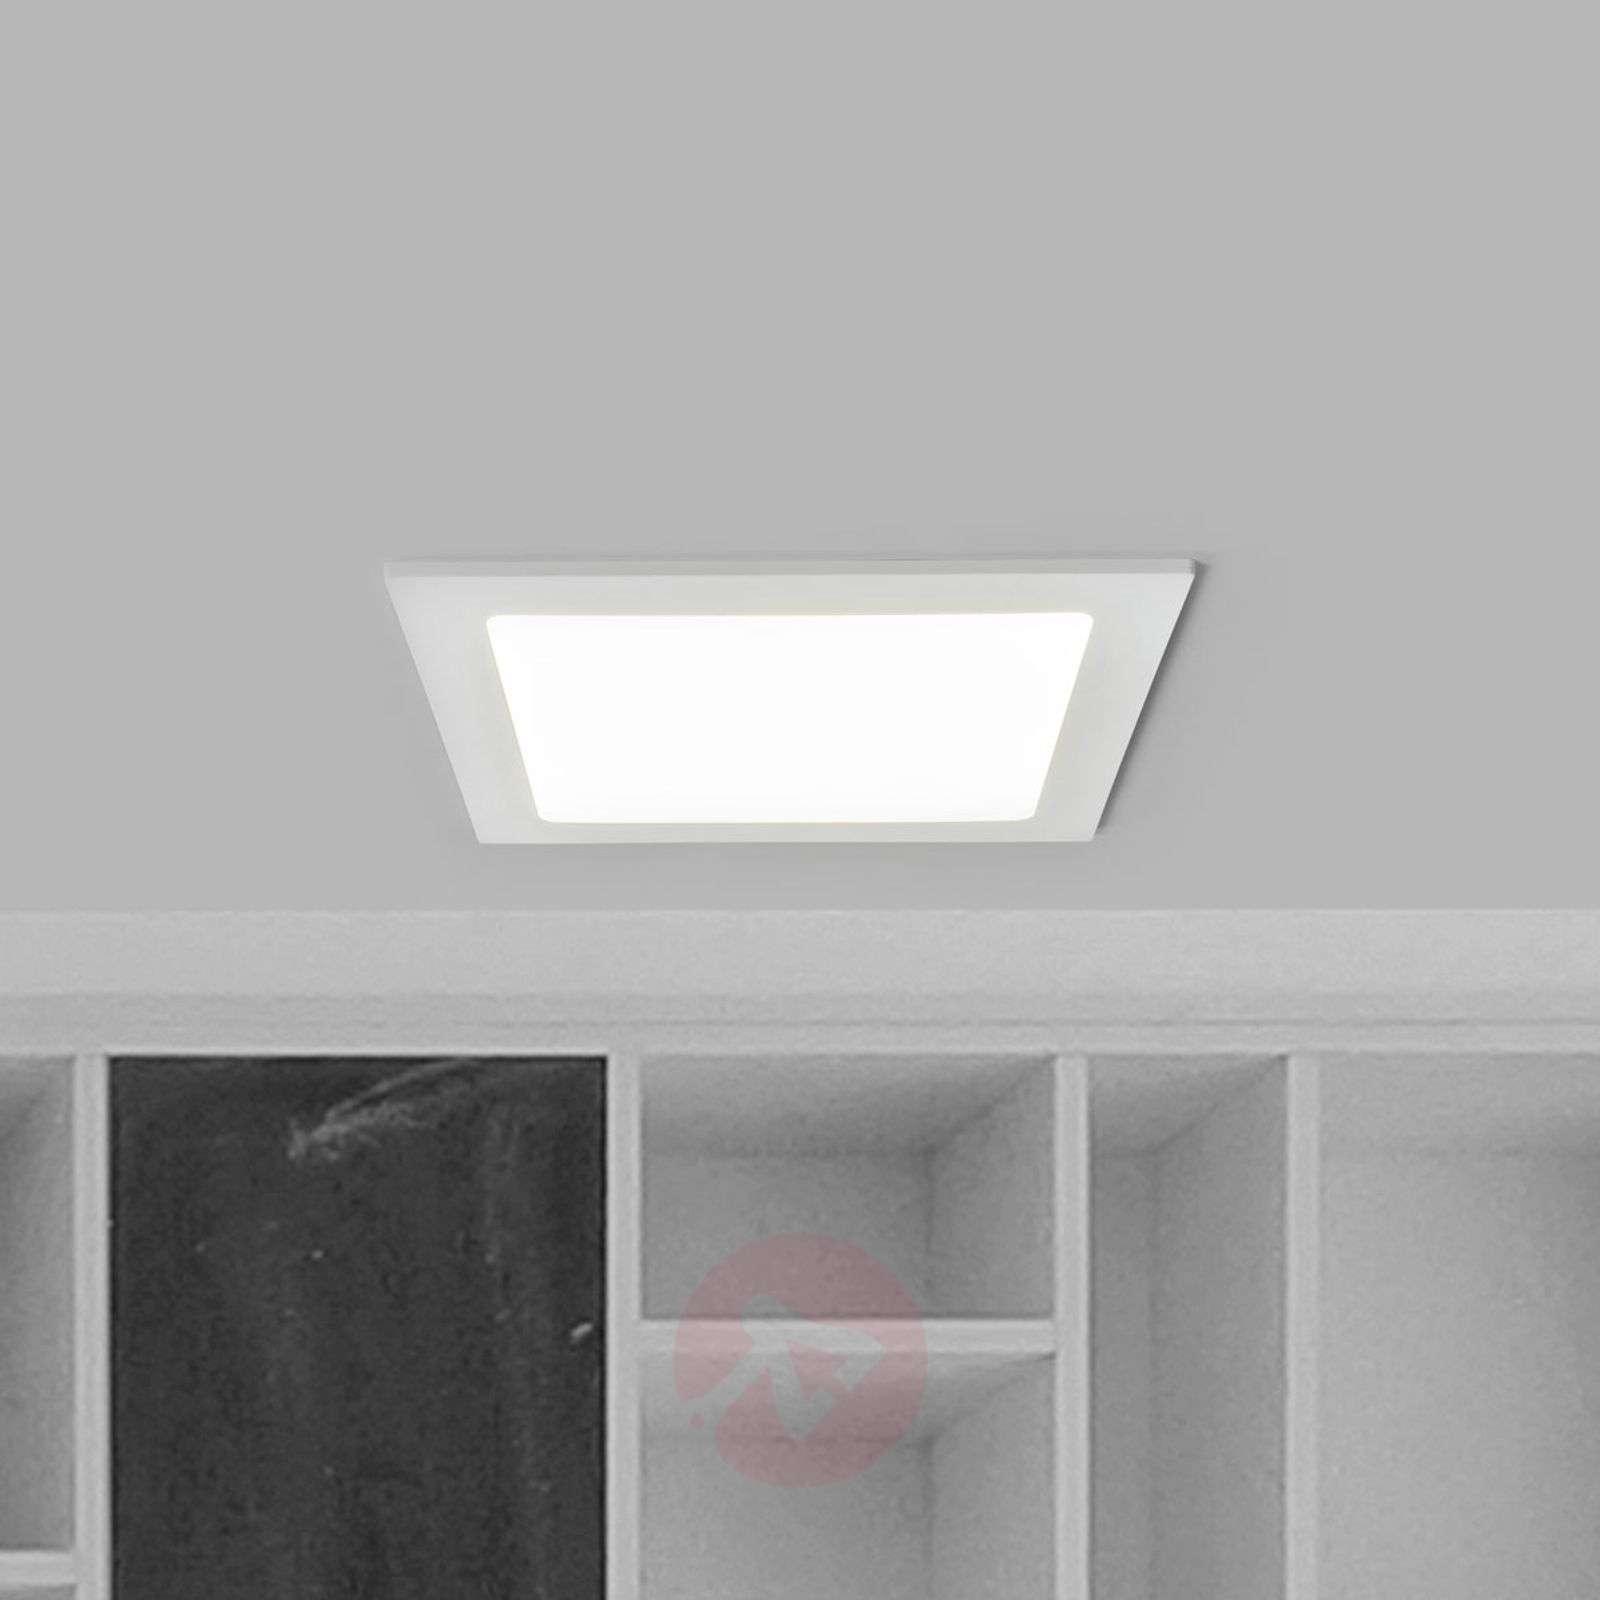 Litteä Joki-LED-alasvalo, IP44-9978062-02